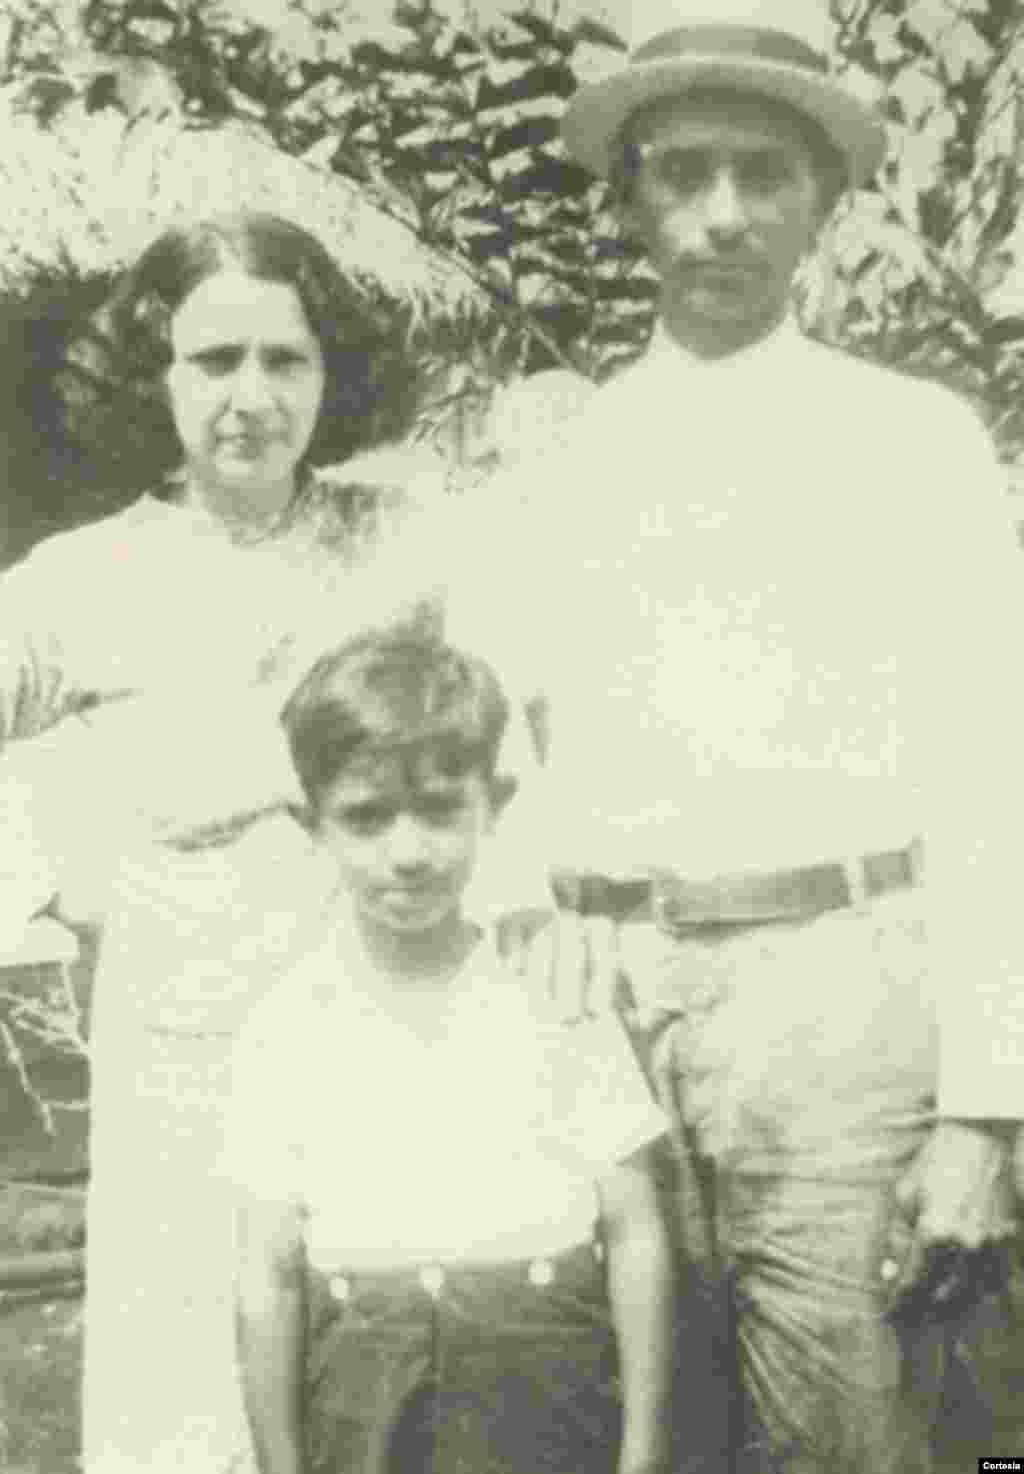 Agustín Román posa con la madre, Juana M. Rodríguez y el padre Rosendo Román en Cuba.